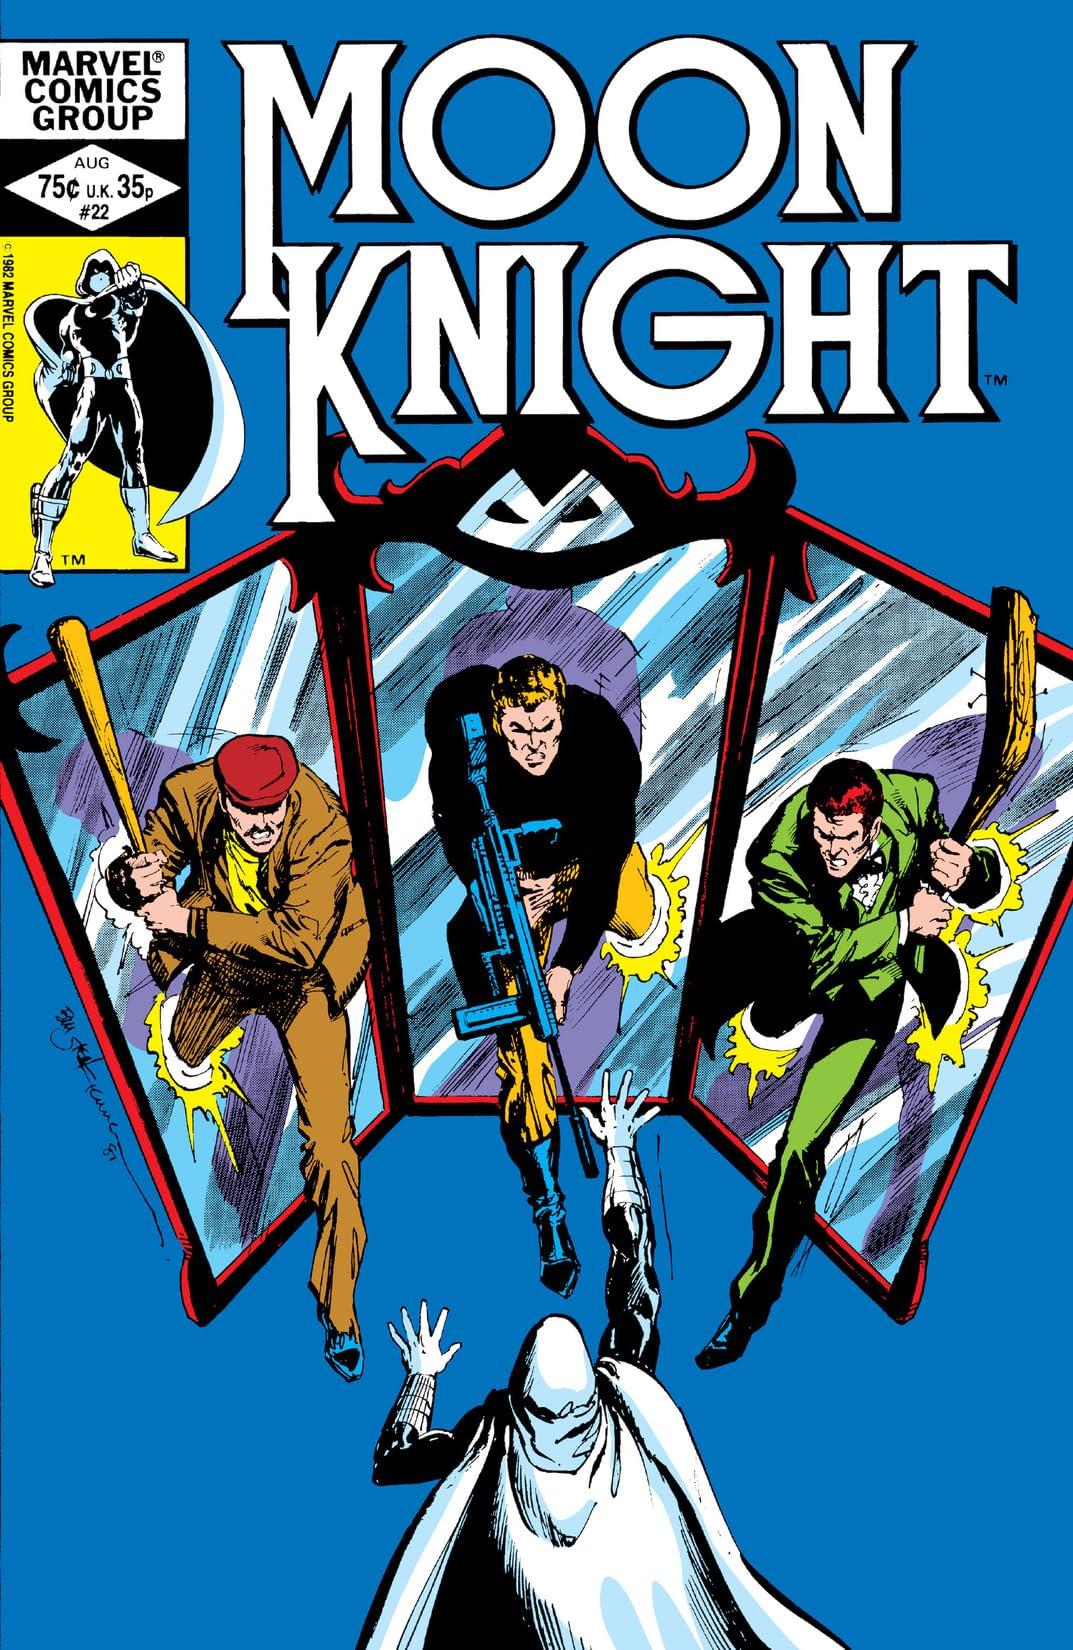 Moon Knight (1980-1984) #22